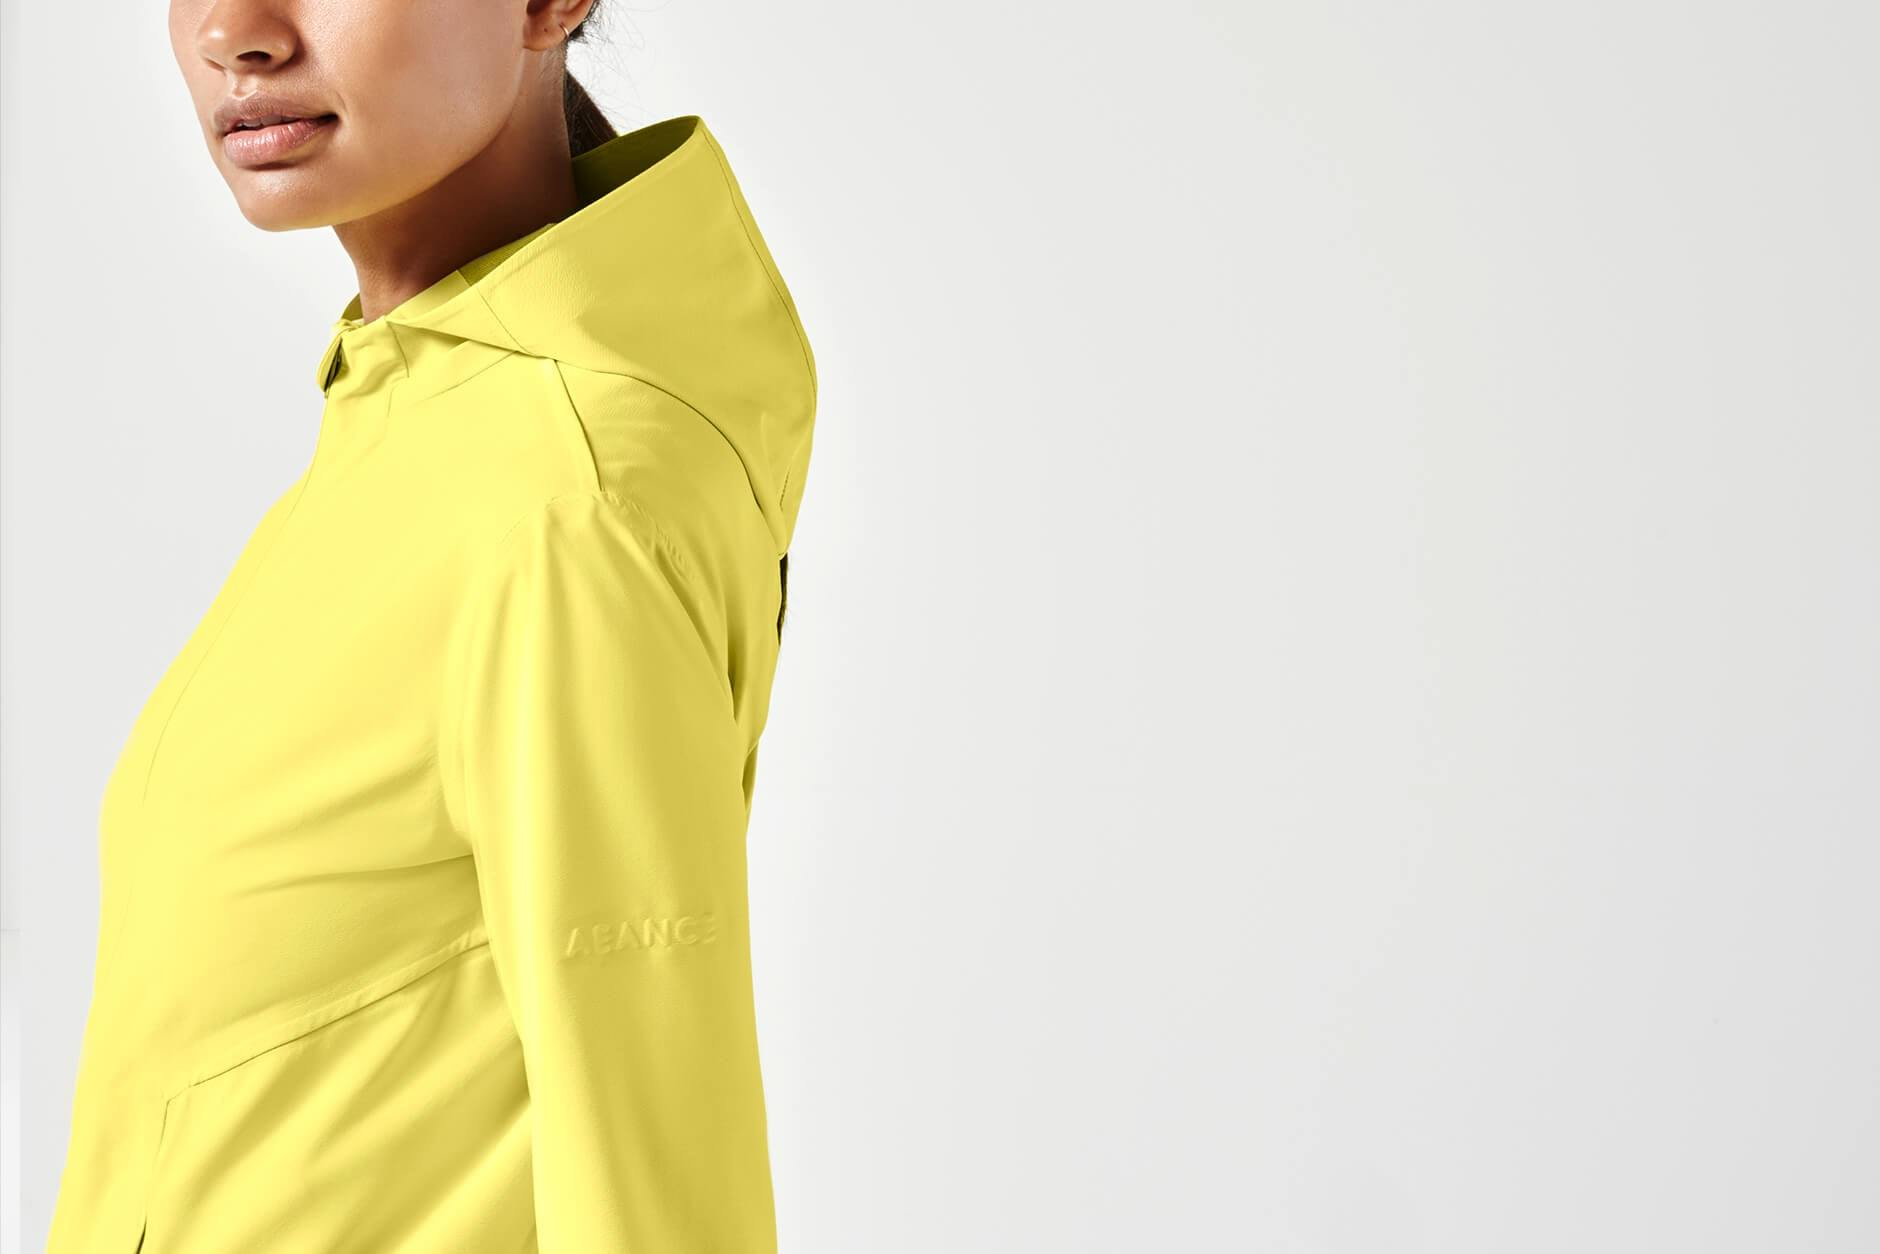 Nachhaltig minimalistische Active-Wear von AEANCE – hier aus dem Lookbook der Collection 02. Fotocredit: © aeance.com/